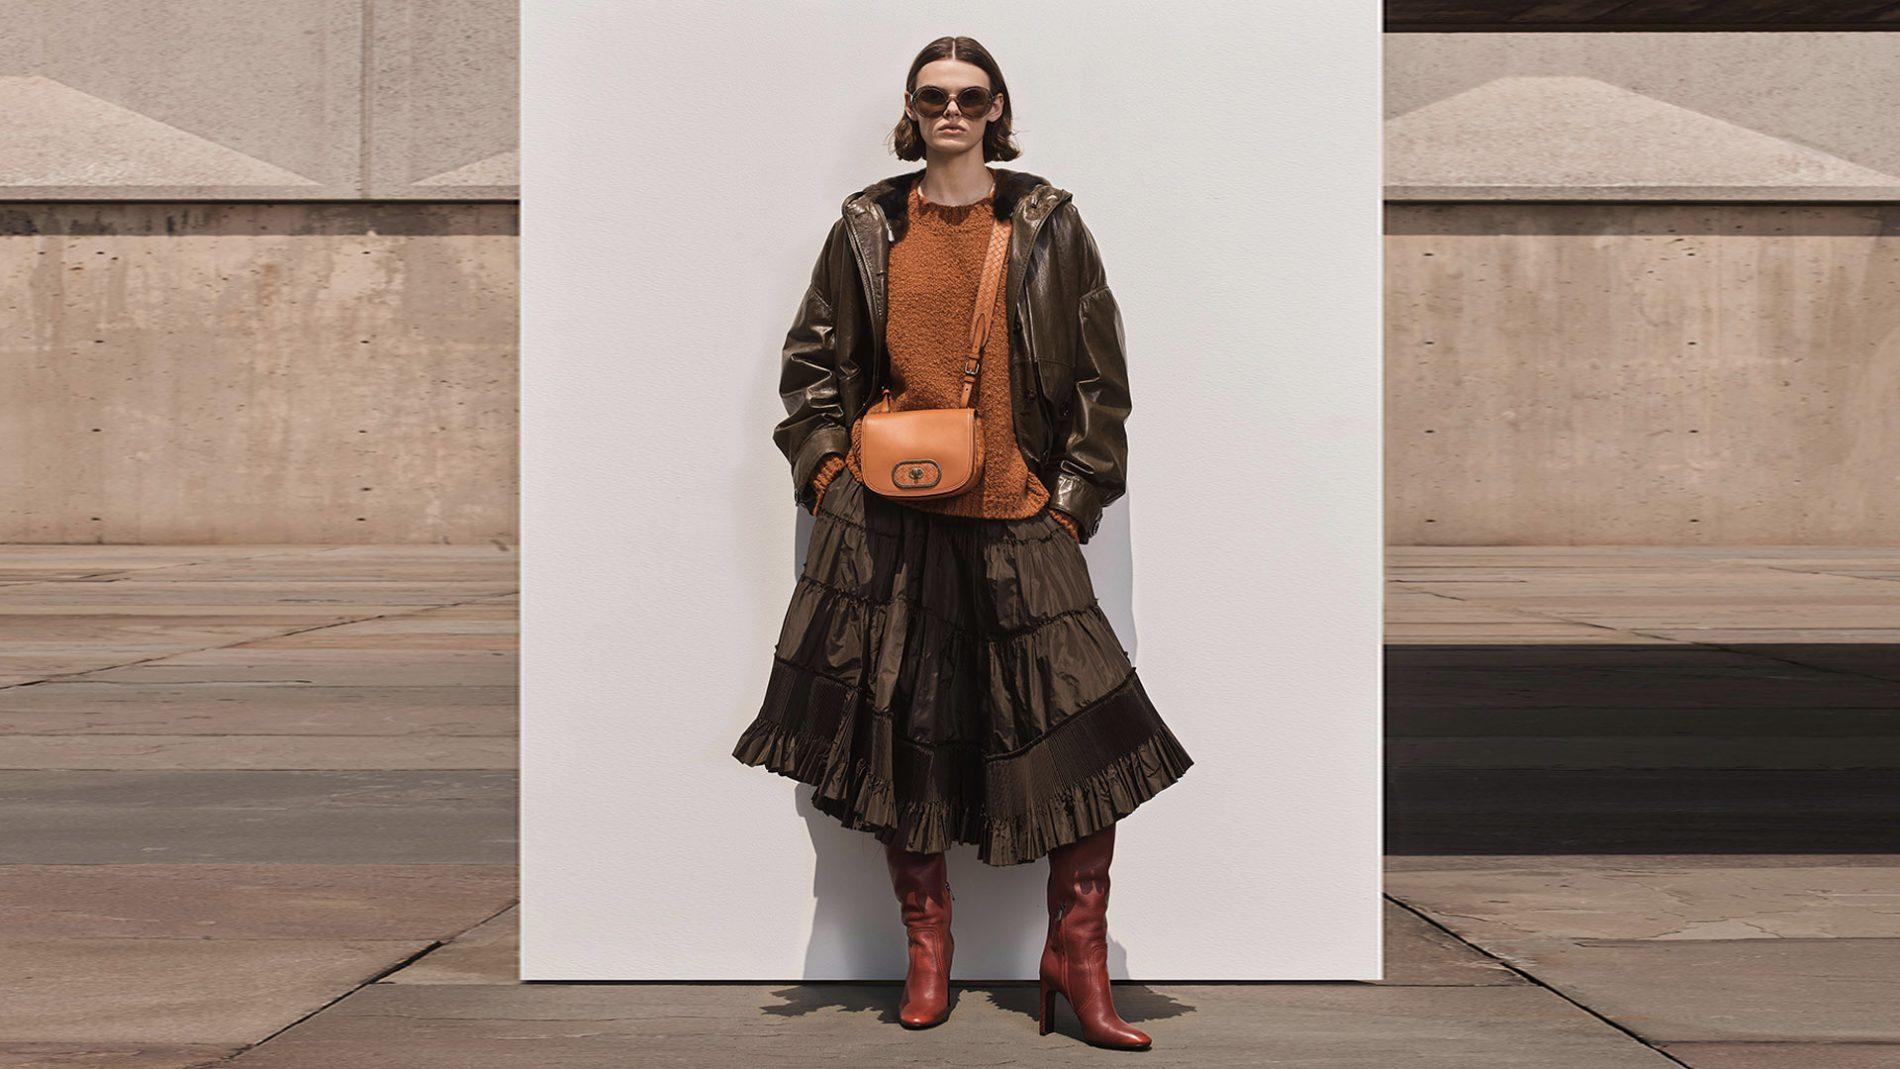 El Corte Ingles Designer Handbags Ready-To-Wear Bottega Veneta BV Luna